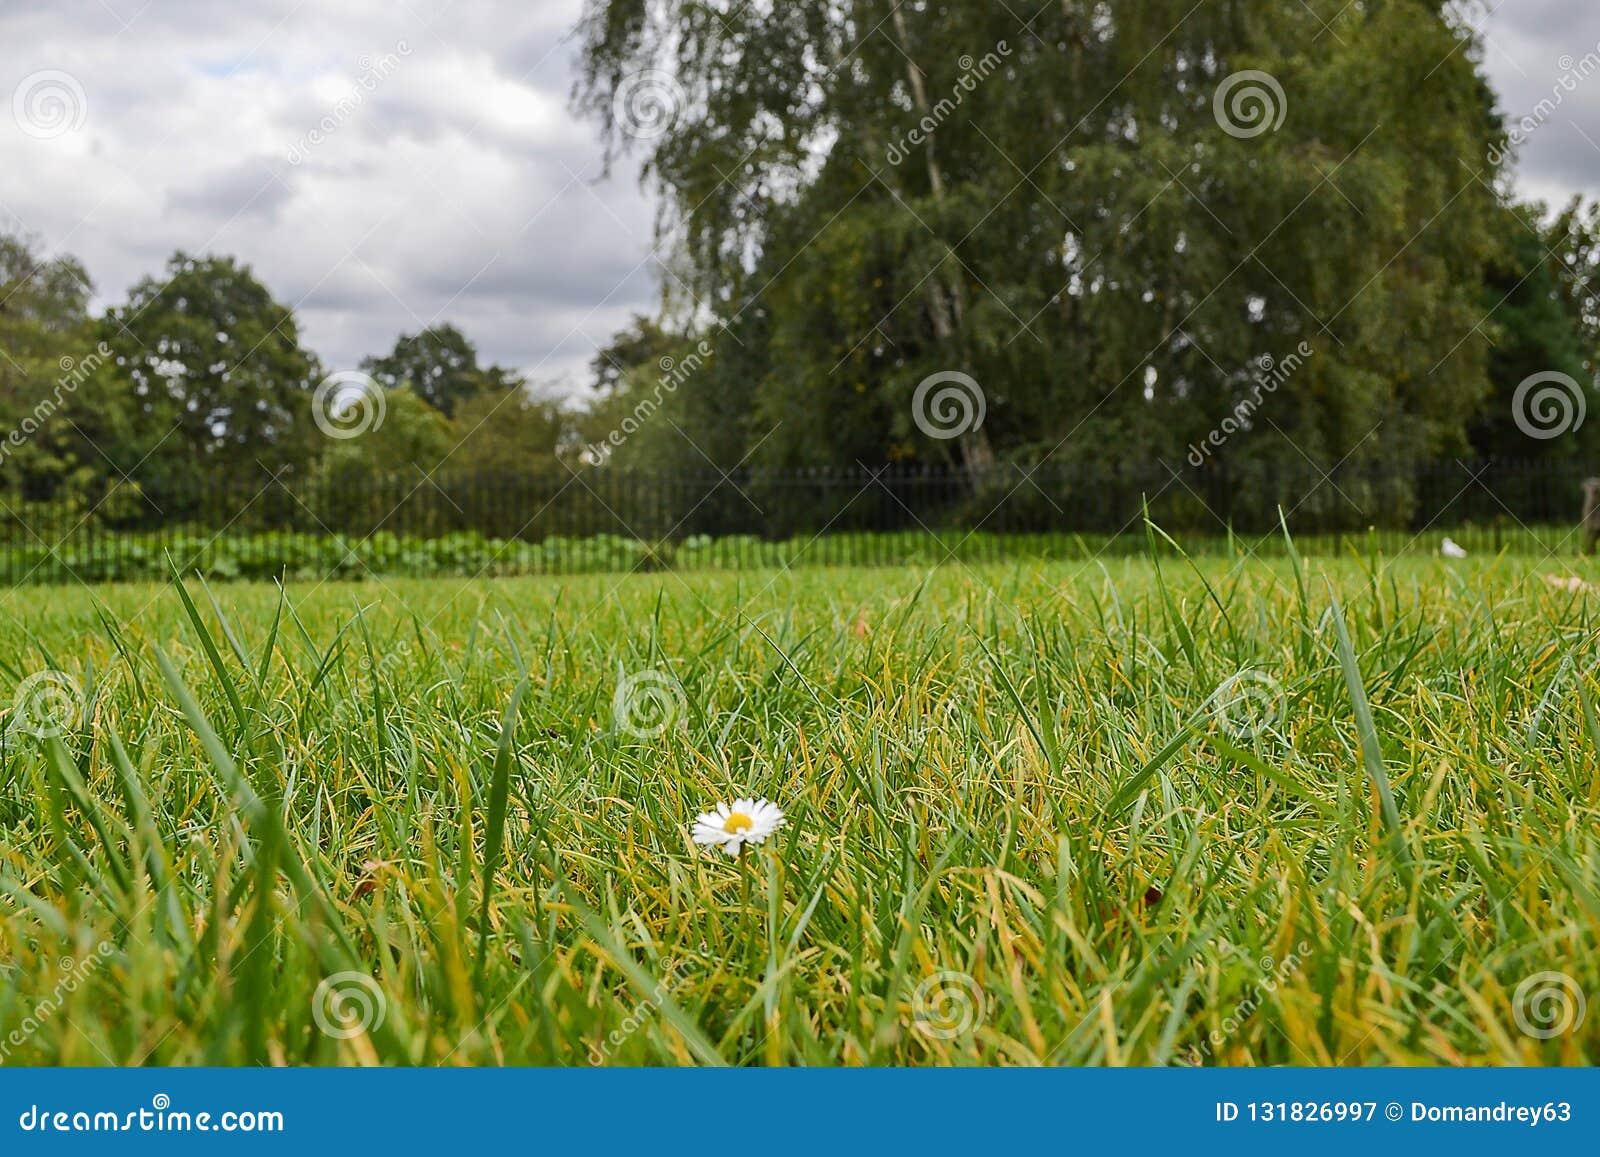 Ein einsam wenig Kamille auf einem Grasrasen